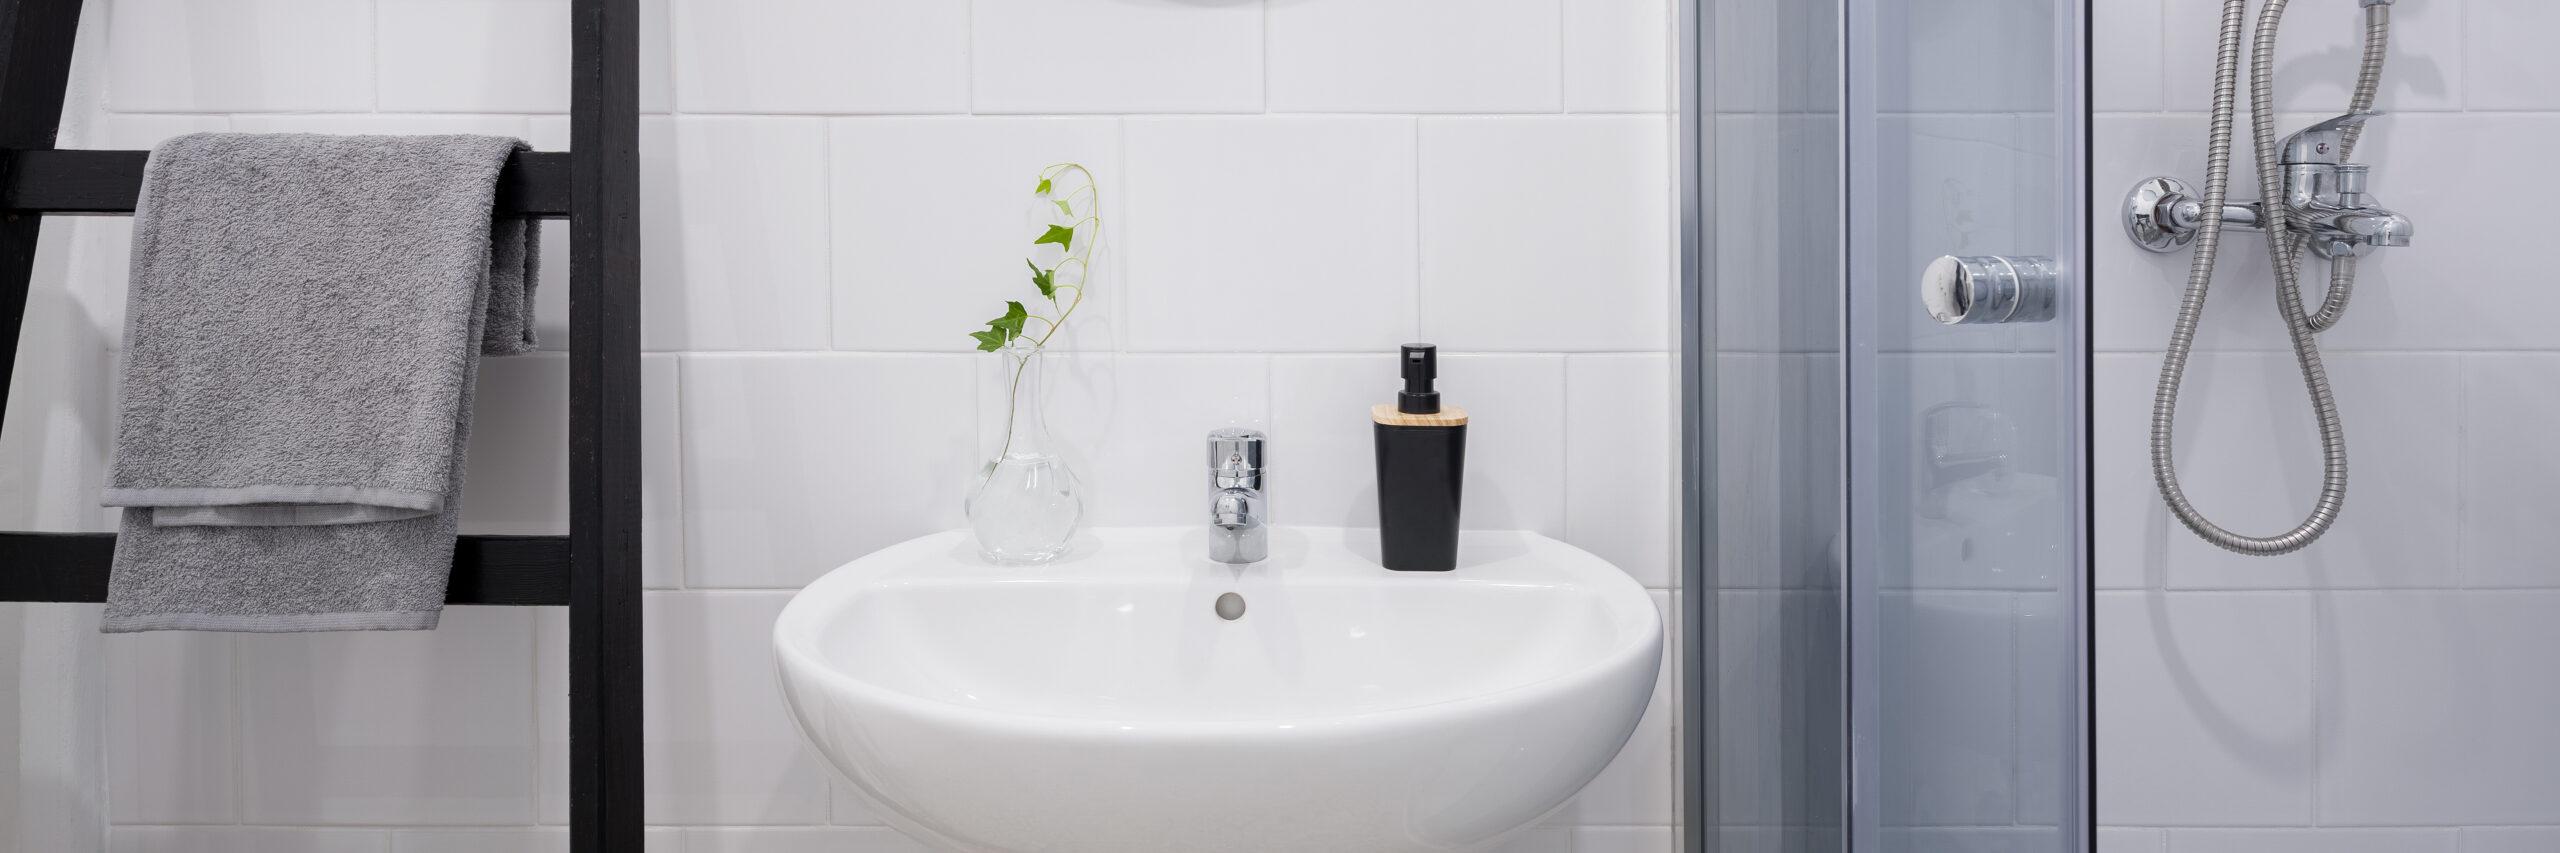 kalkkisaostumat-kalkinpoisto-kylpyhuone-kotisiivous-siivousvinkki